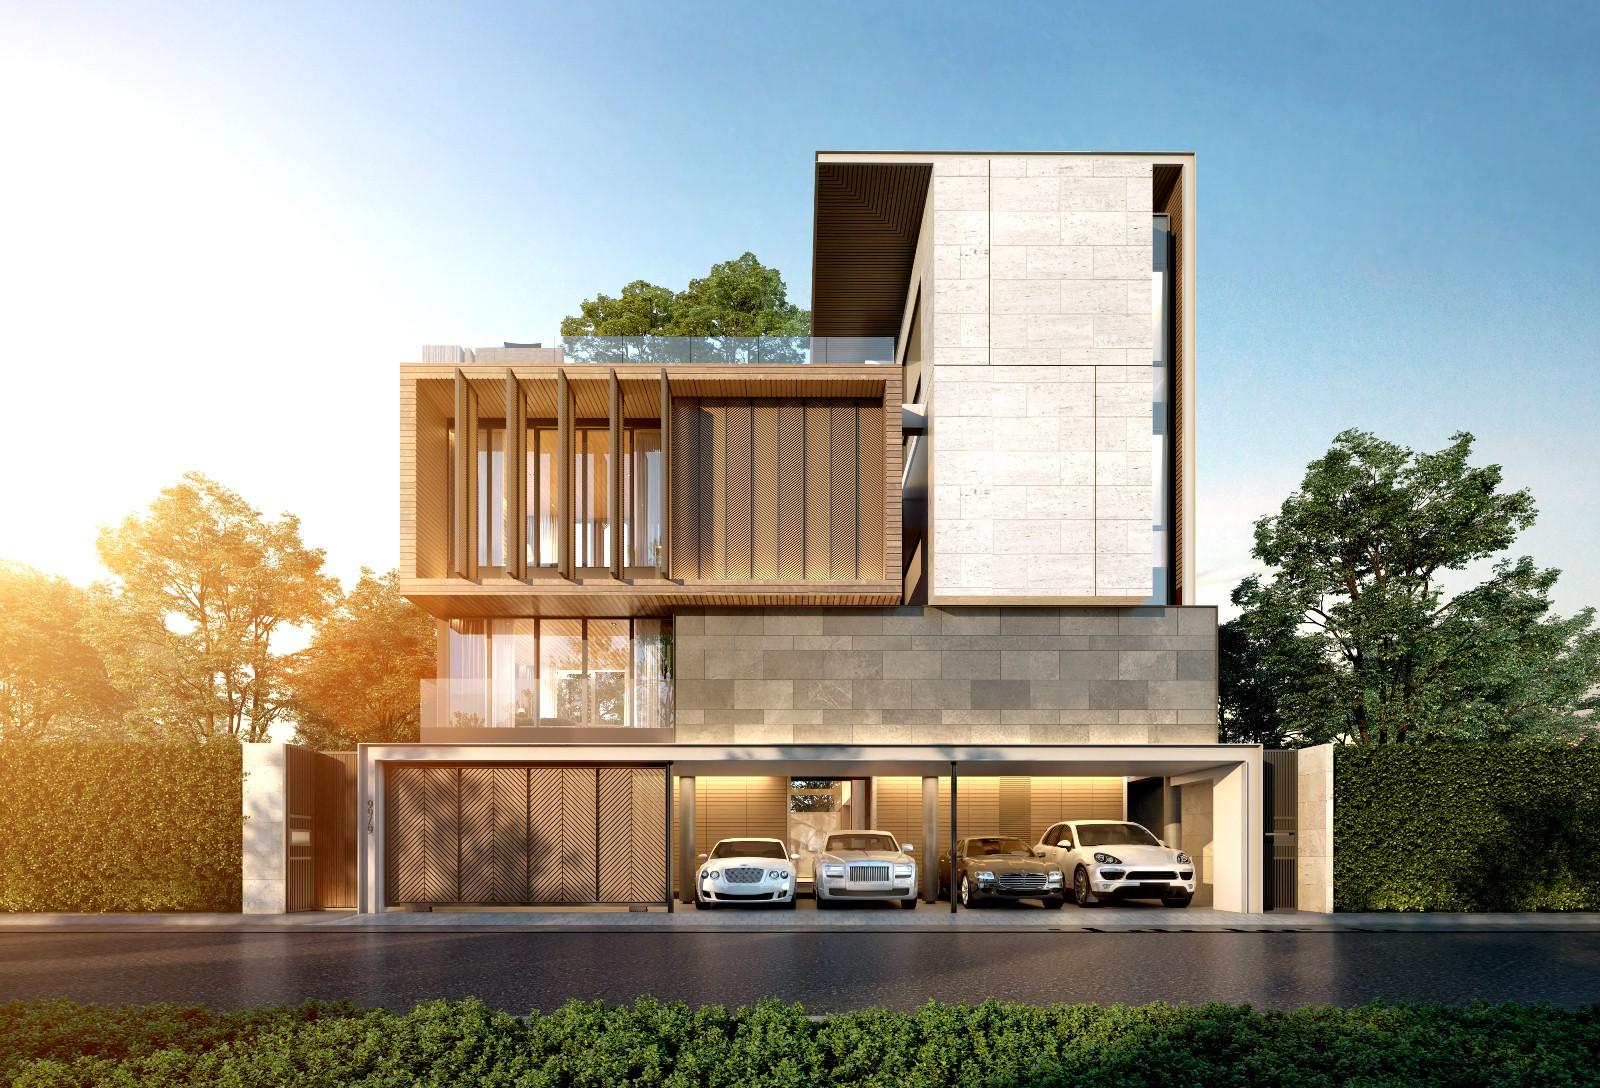 The Primary V เกษตร – นวมินทร์ บ้านเดี่ยวและบ้านแฝดหรู 4 ชั้น ในซอยประเสริฐมนูกิจ 29 จาก กรุงเทพพัฒนา ซีเอ็มเอส จำกัด [PREVIEW]